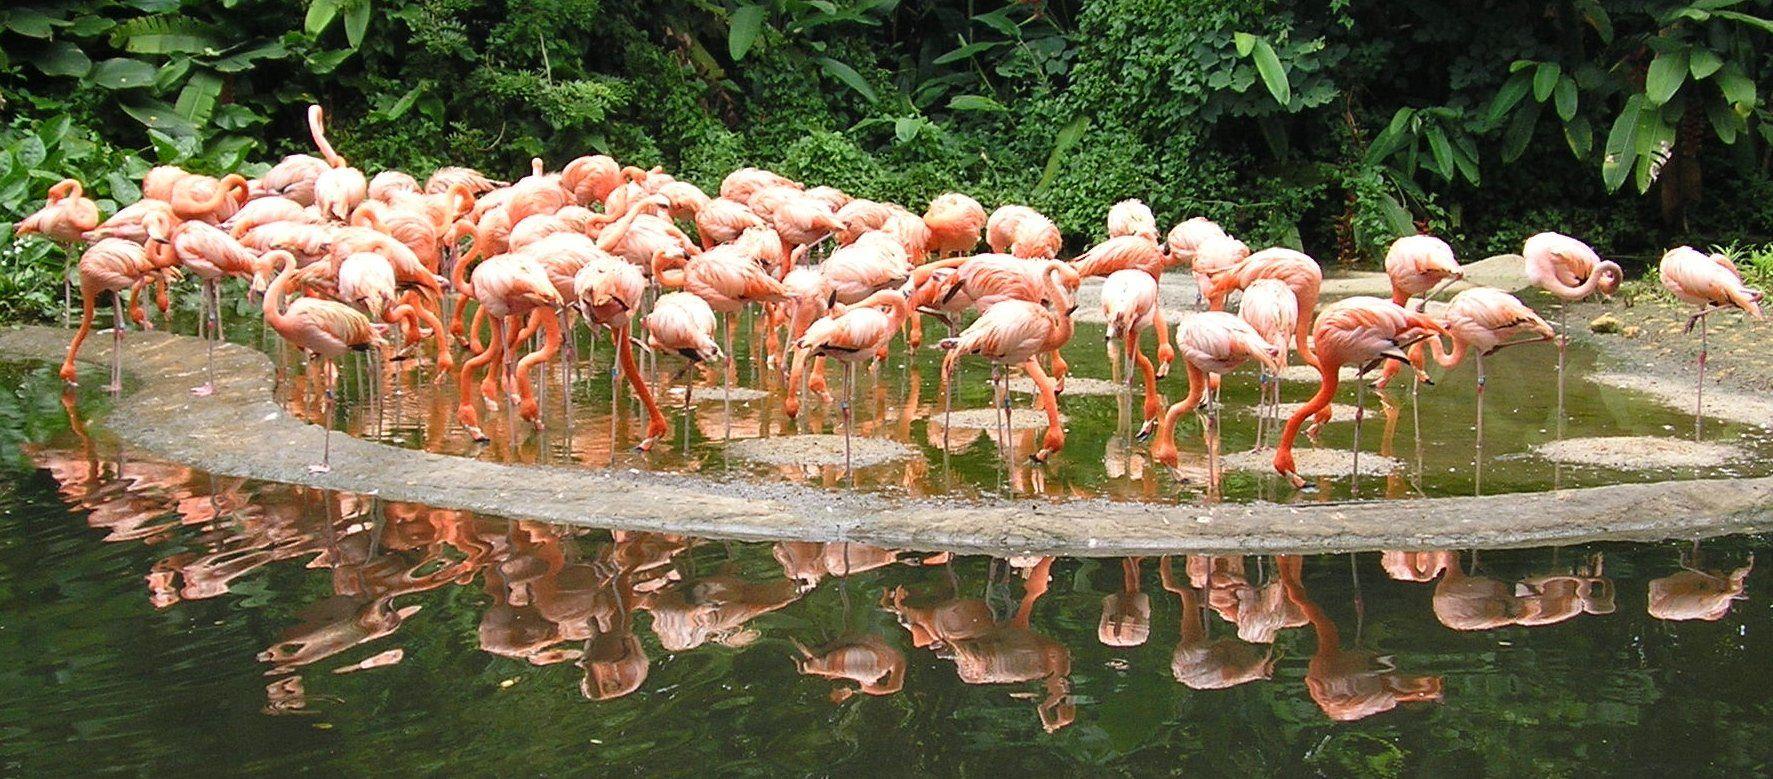 Окрестности парка птиц и рептилий